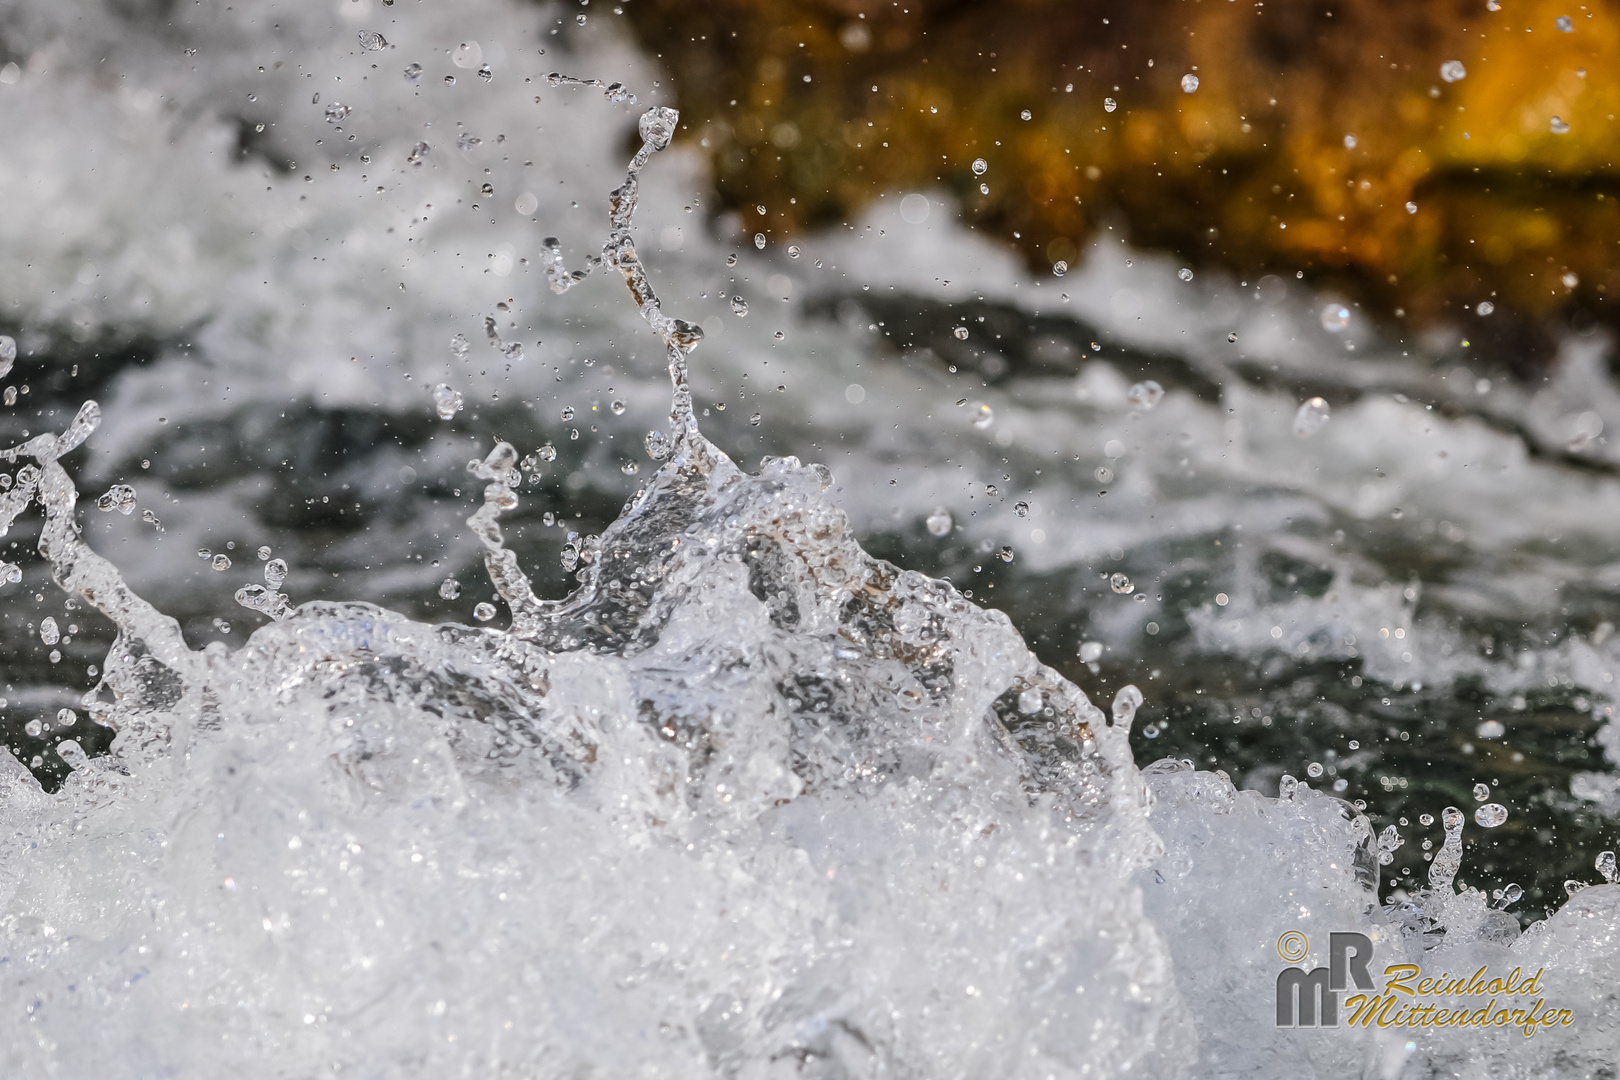 Wasser in Bewegung 02